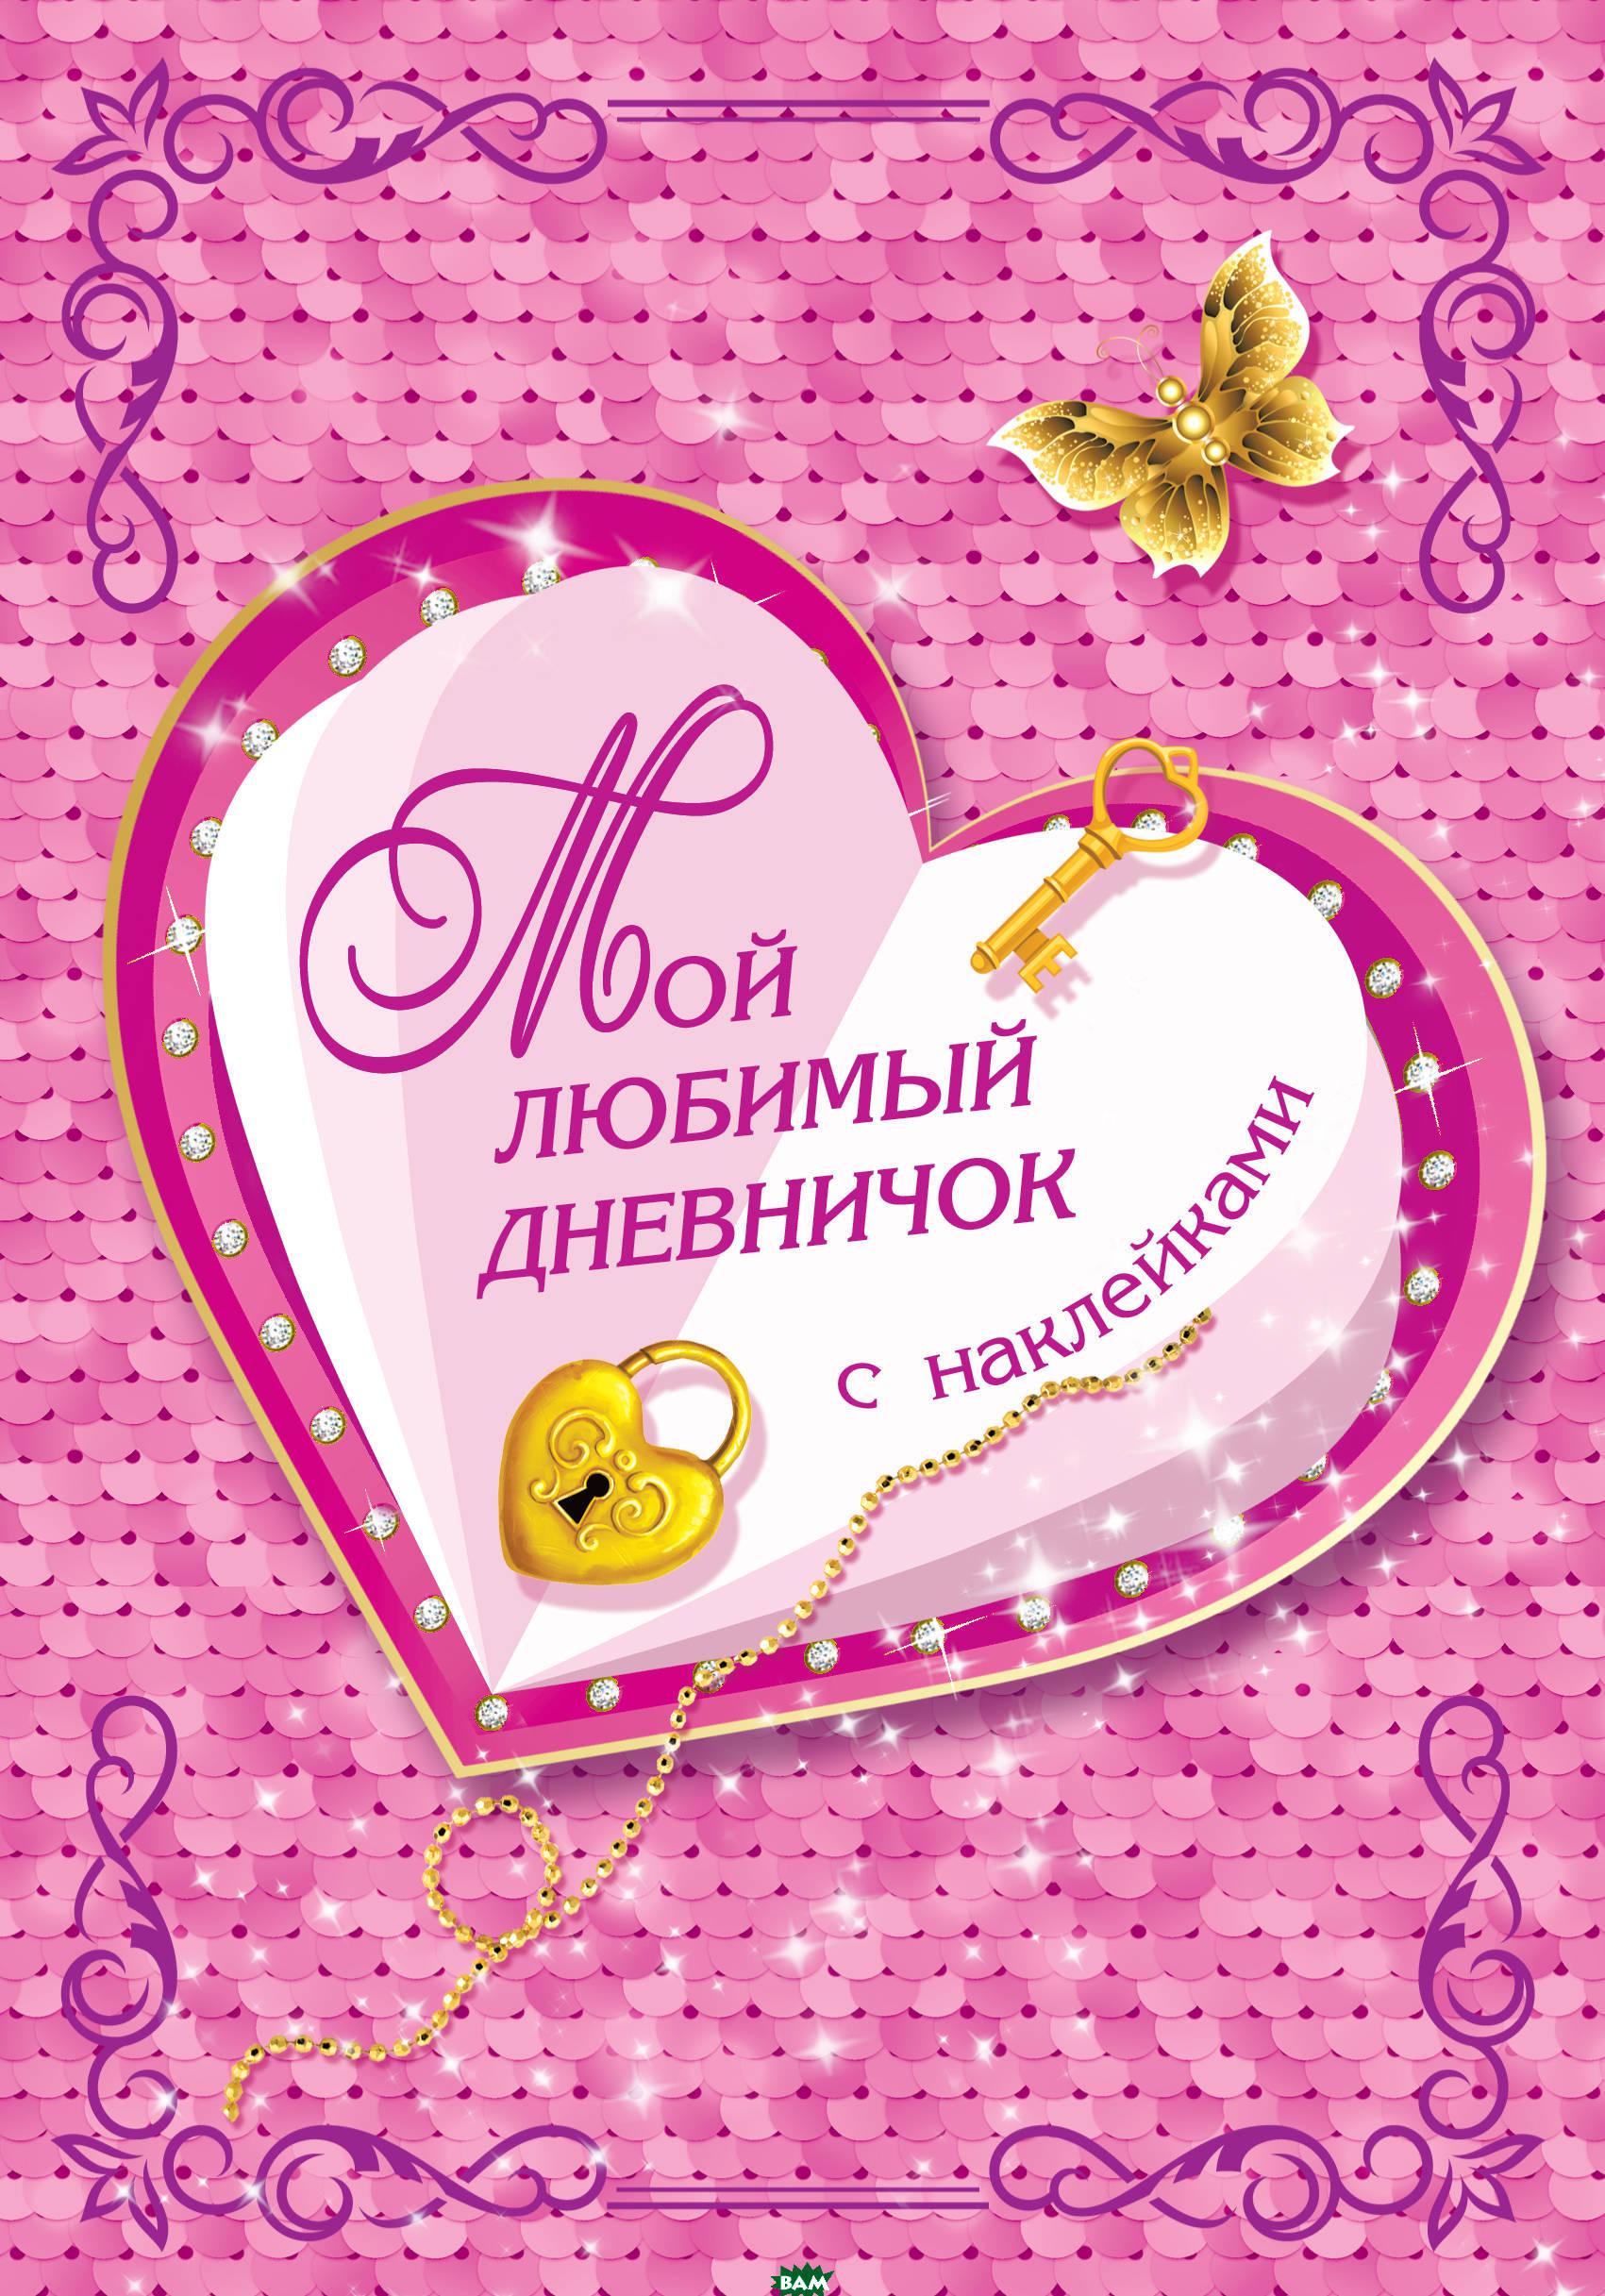 Купить Мой любимый дневничок с наклейками, ИЗДАТЕЛЬСТВО`АСТ`, Дмитриева В.Г., 978-5-17-111633-0